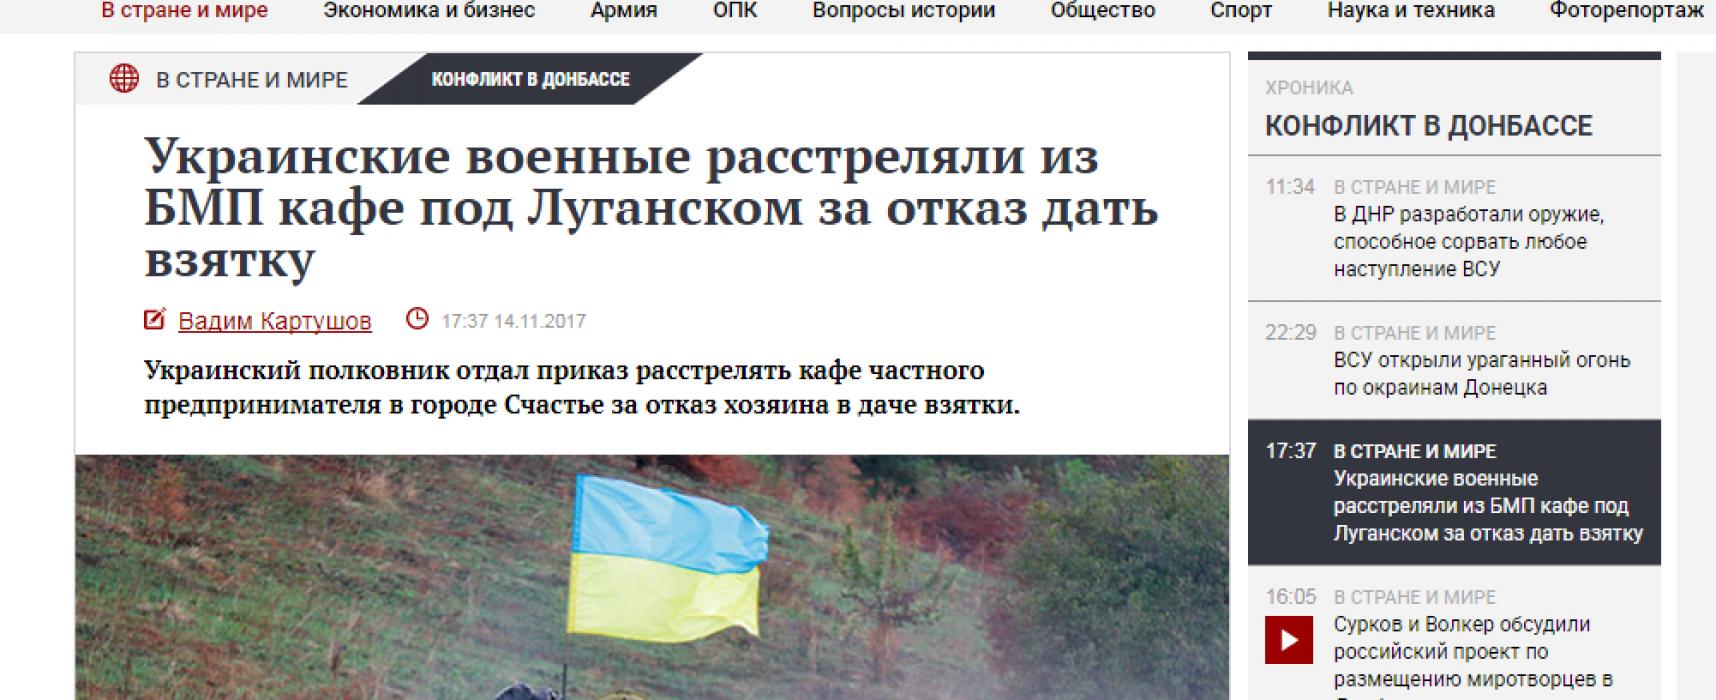 Российские СМИ бездоказательно обвинили ВСУ в обстреле кафе в Счастье